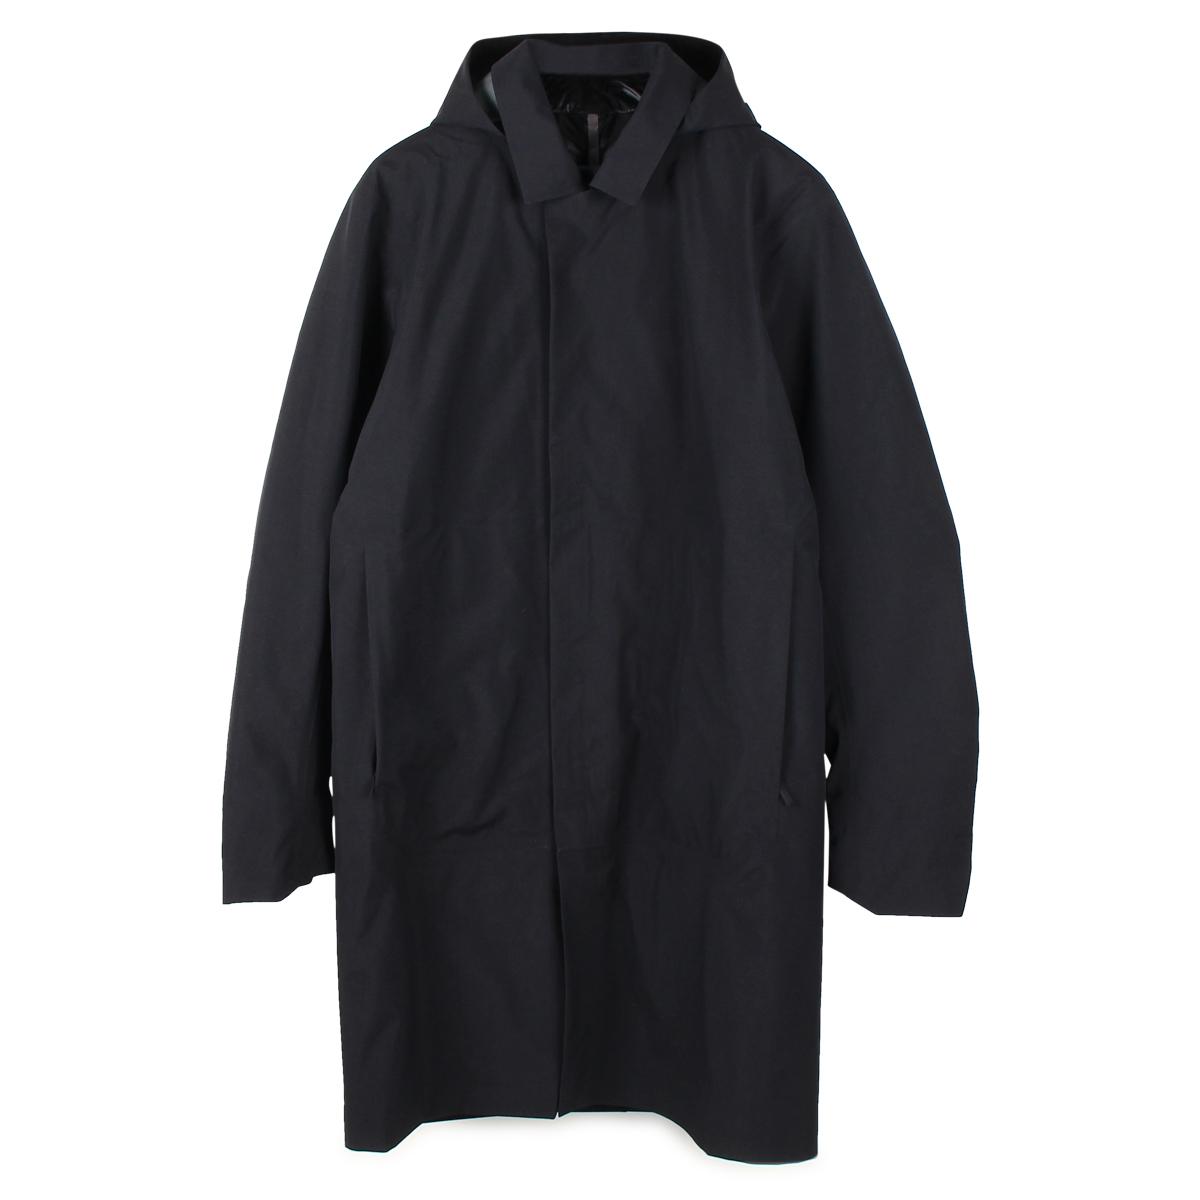 ARCTERYX VEILANCE GALVANIC DOWN COAT アークテリクス ヴェイランス コート ダウンコート ロング メンズ ブラック 黒 18181